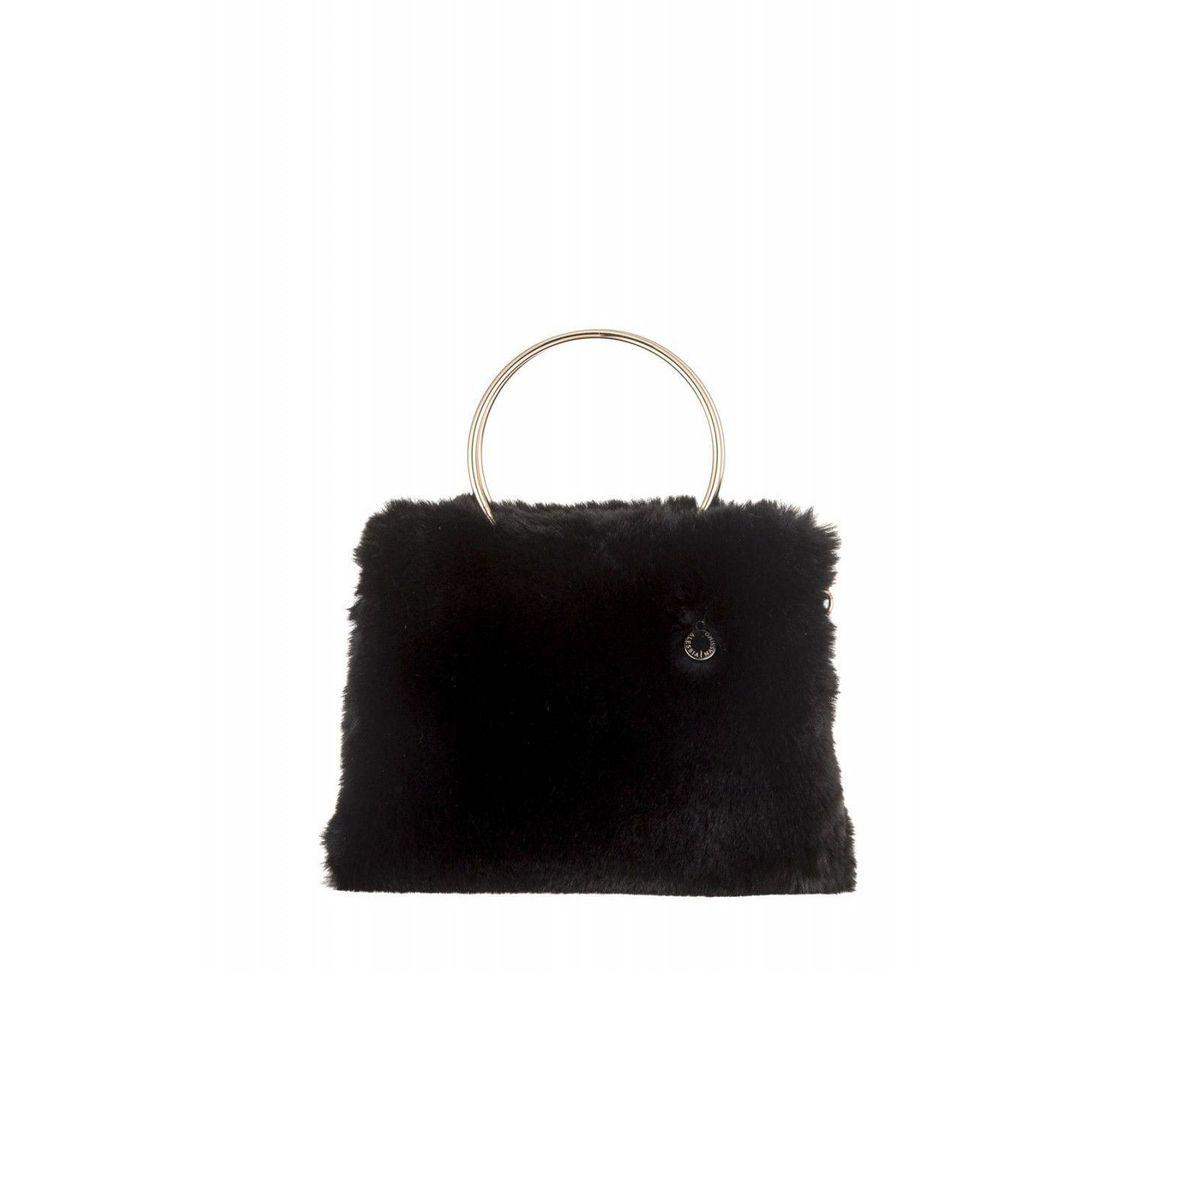 STYLE9000 BAG Black Alessia Massimo